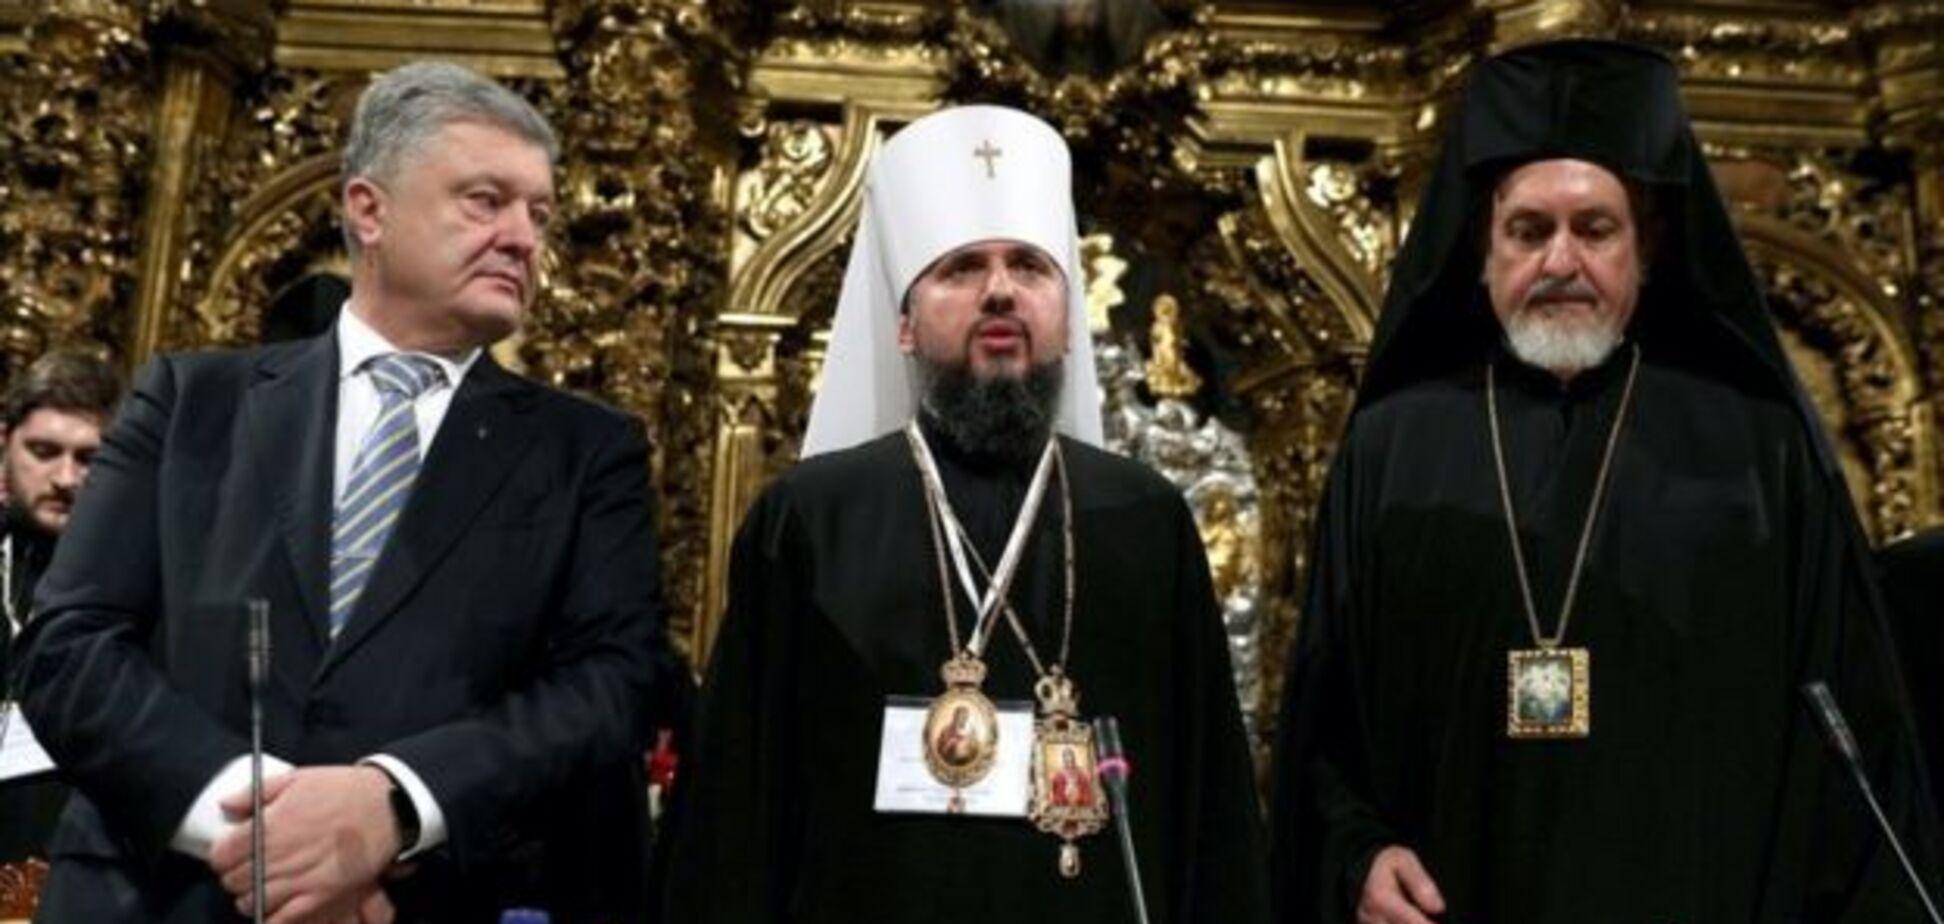 ''УПА Порошенка'': ЗМІ Росії зганьбилися фейком про церкву України